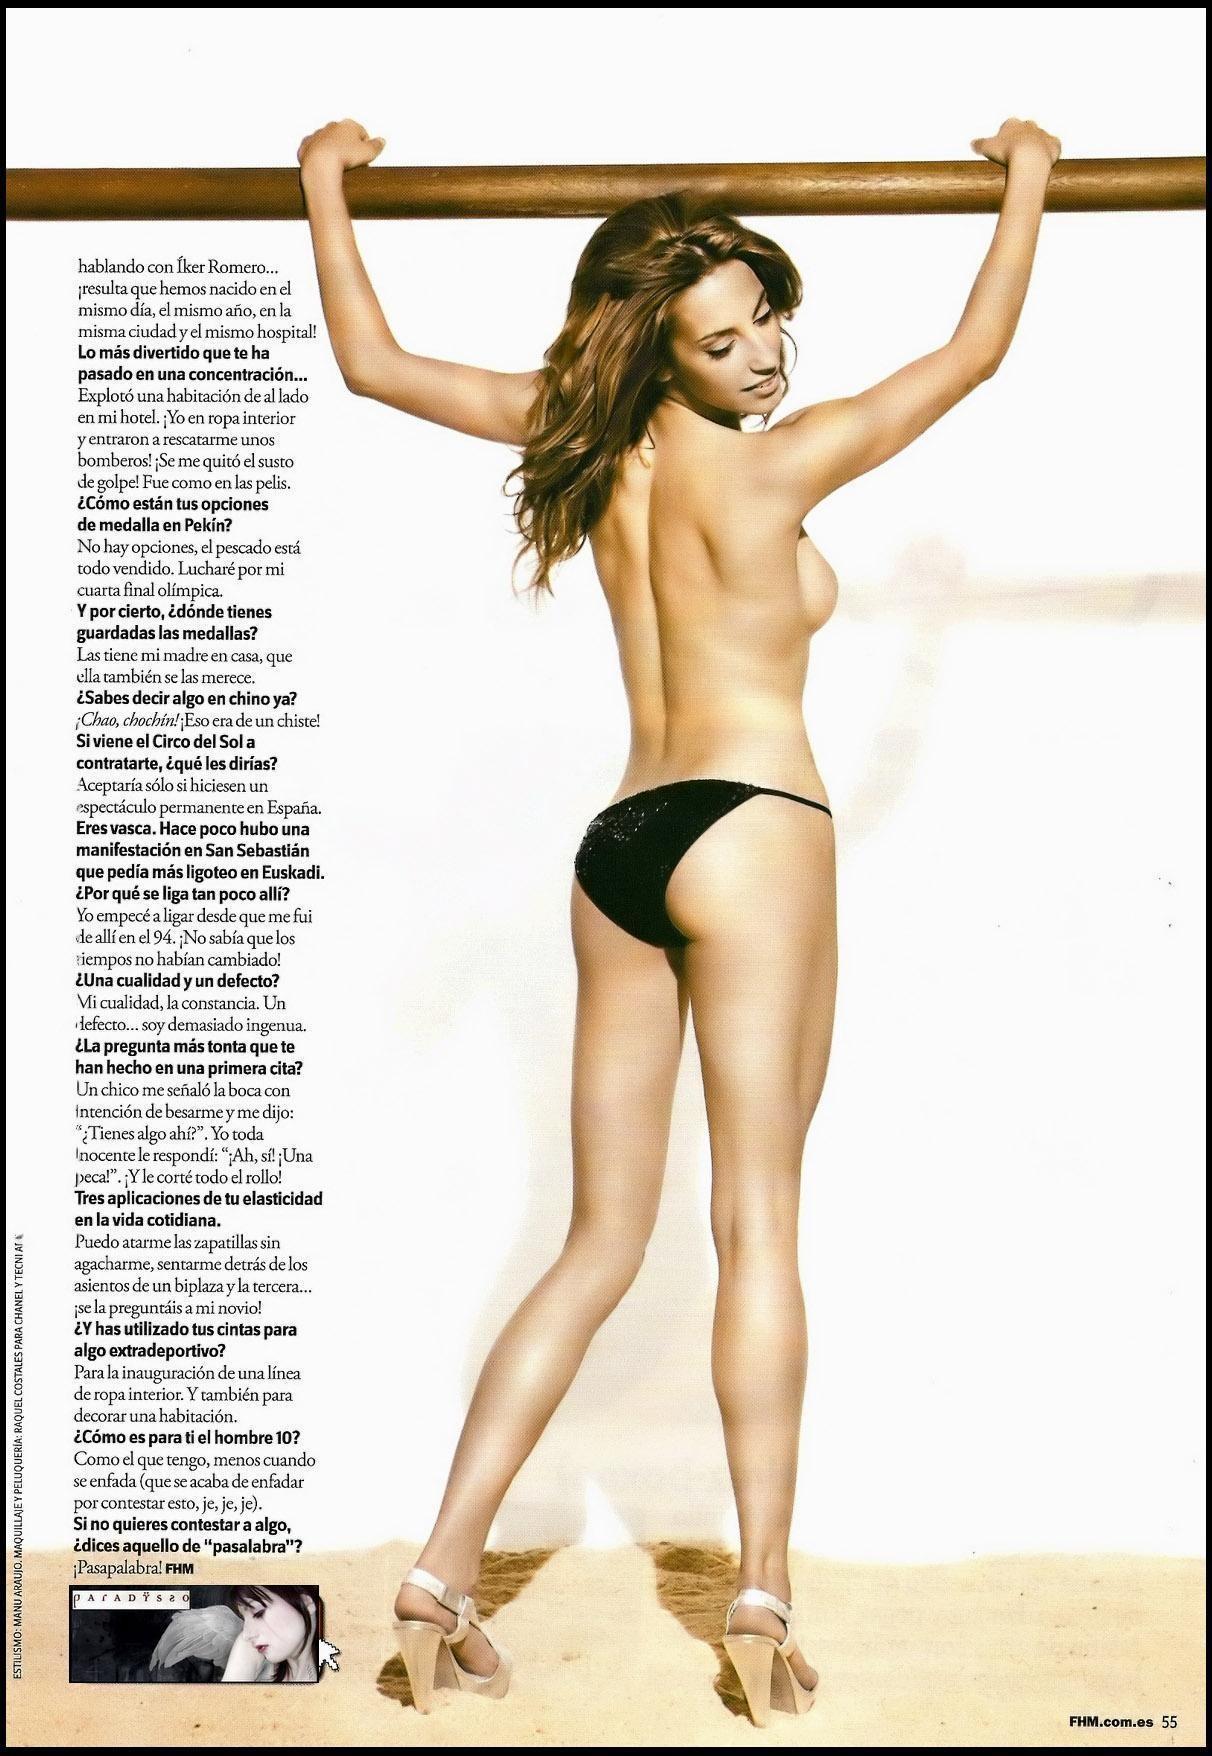 Almudena Cid Porn Video almudena cid p gina fotos desnuda descuido topless bikini